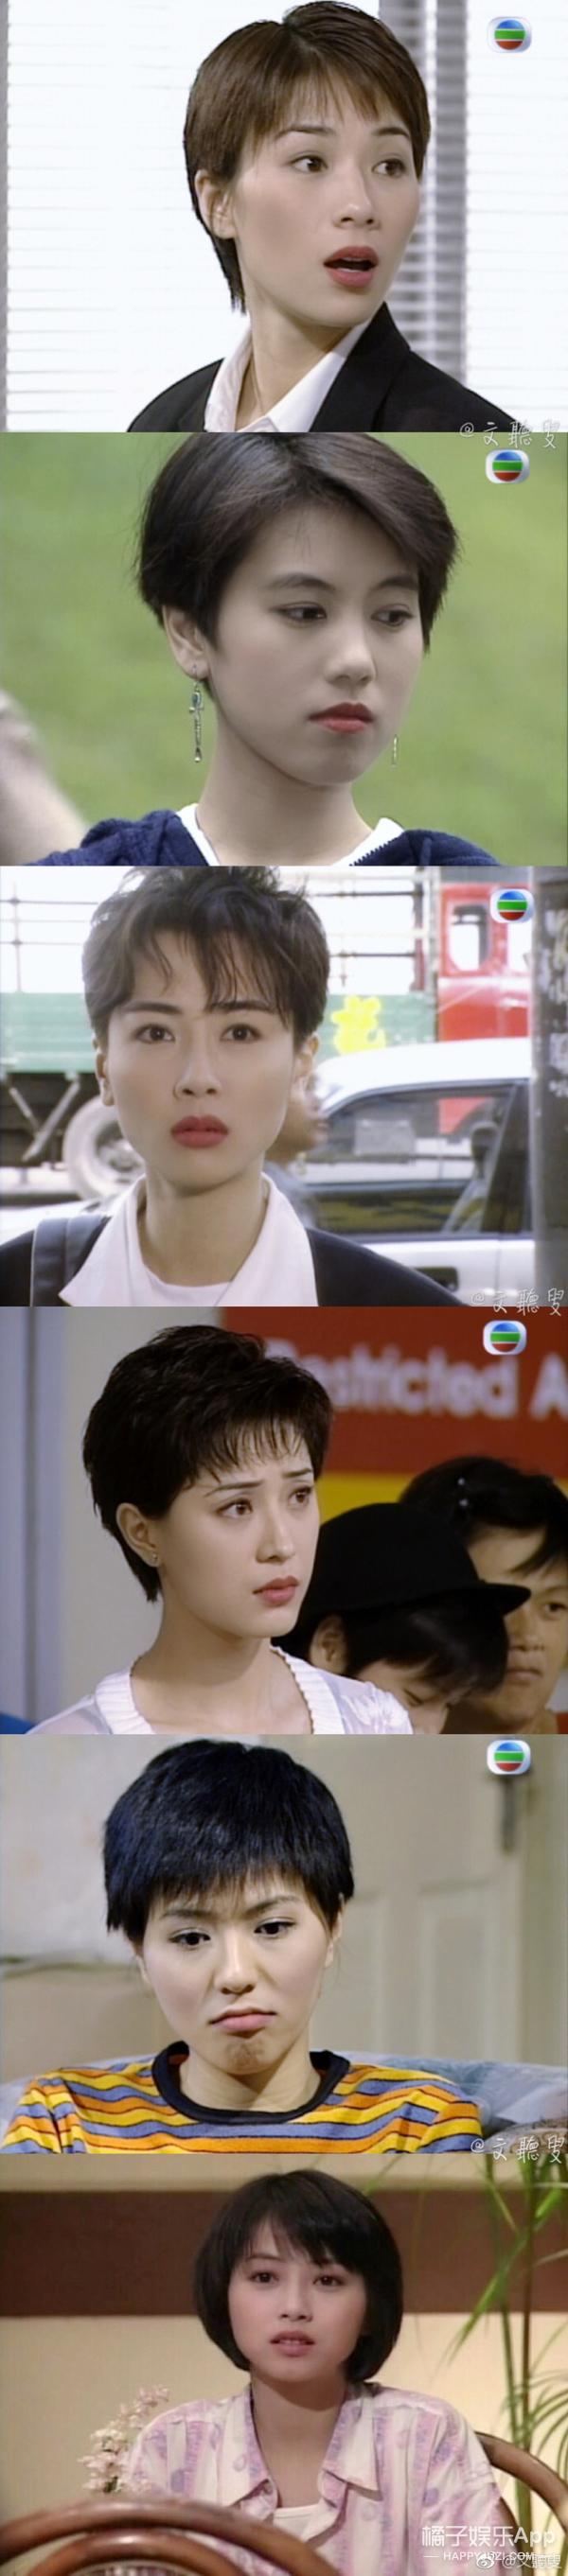 啥?原来我们现在流行的发型都是90年代港星玩剩下的!